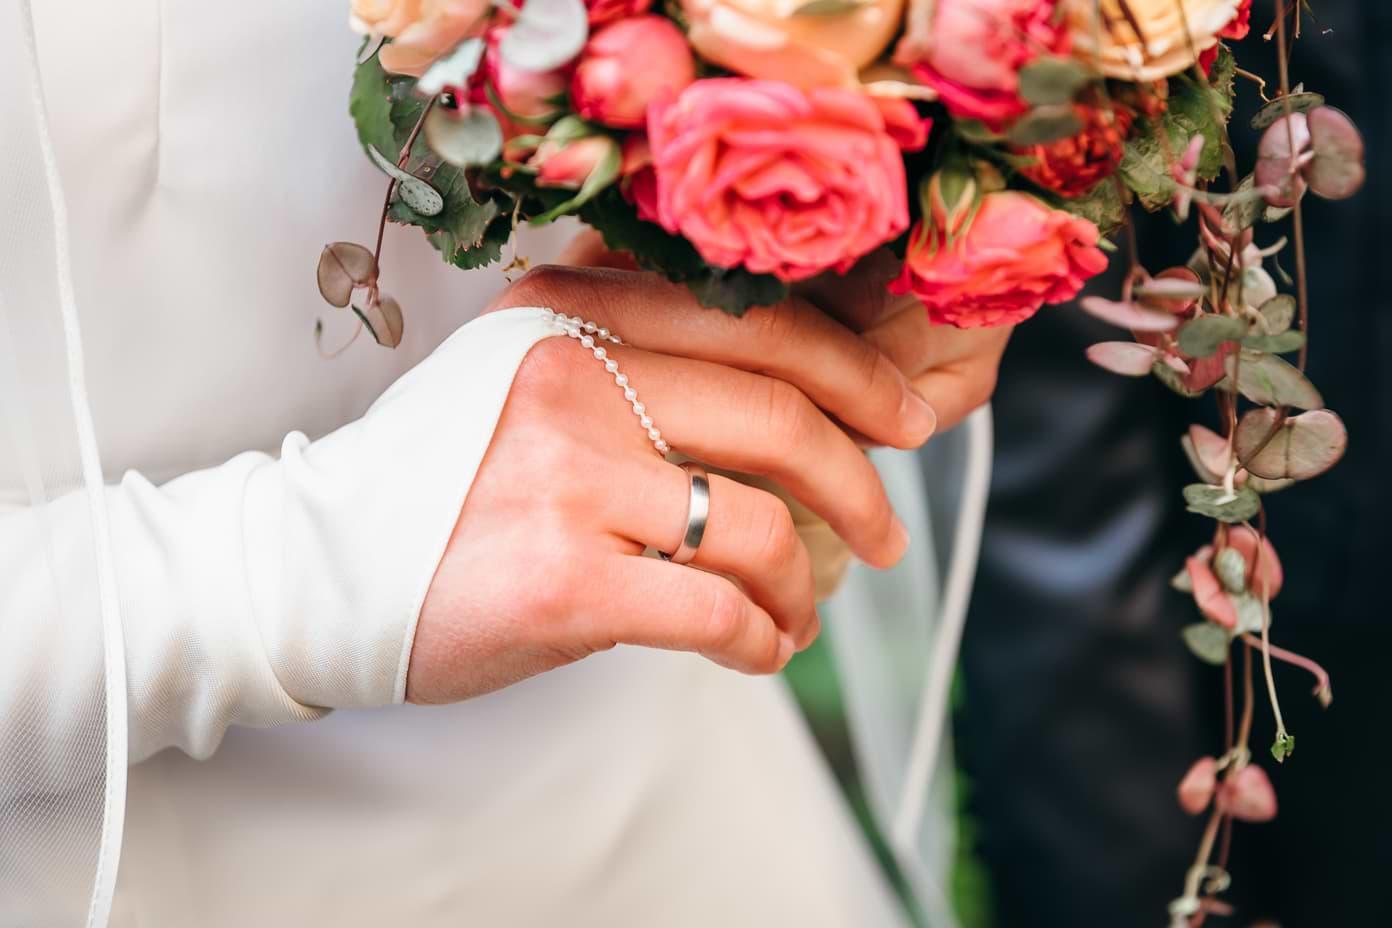 Ehering an der Hand der Braut